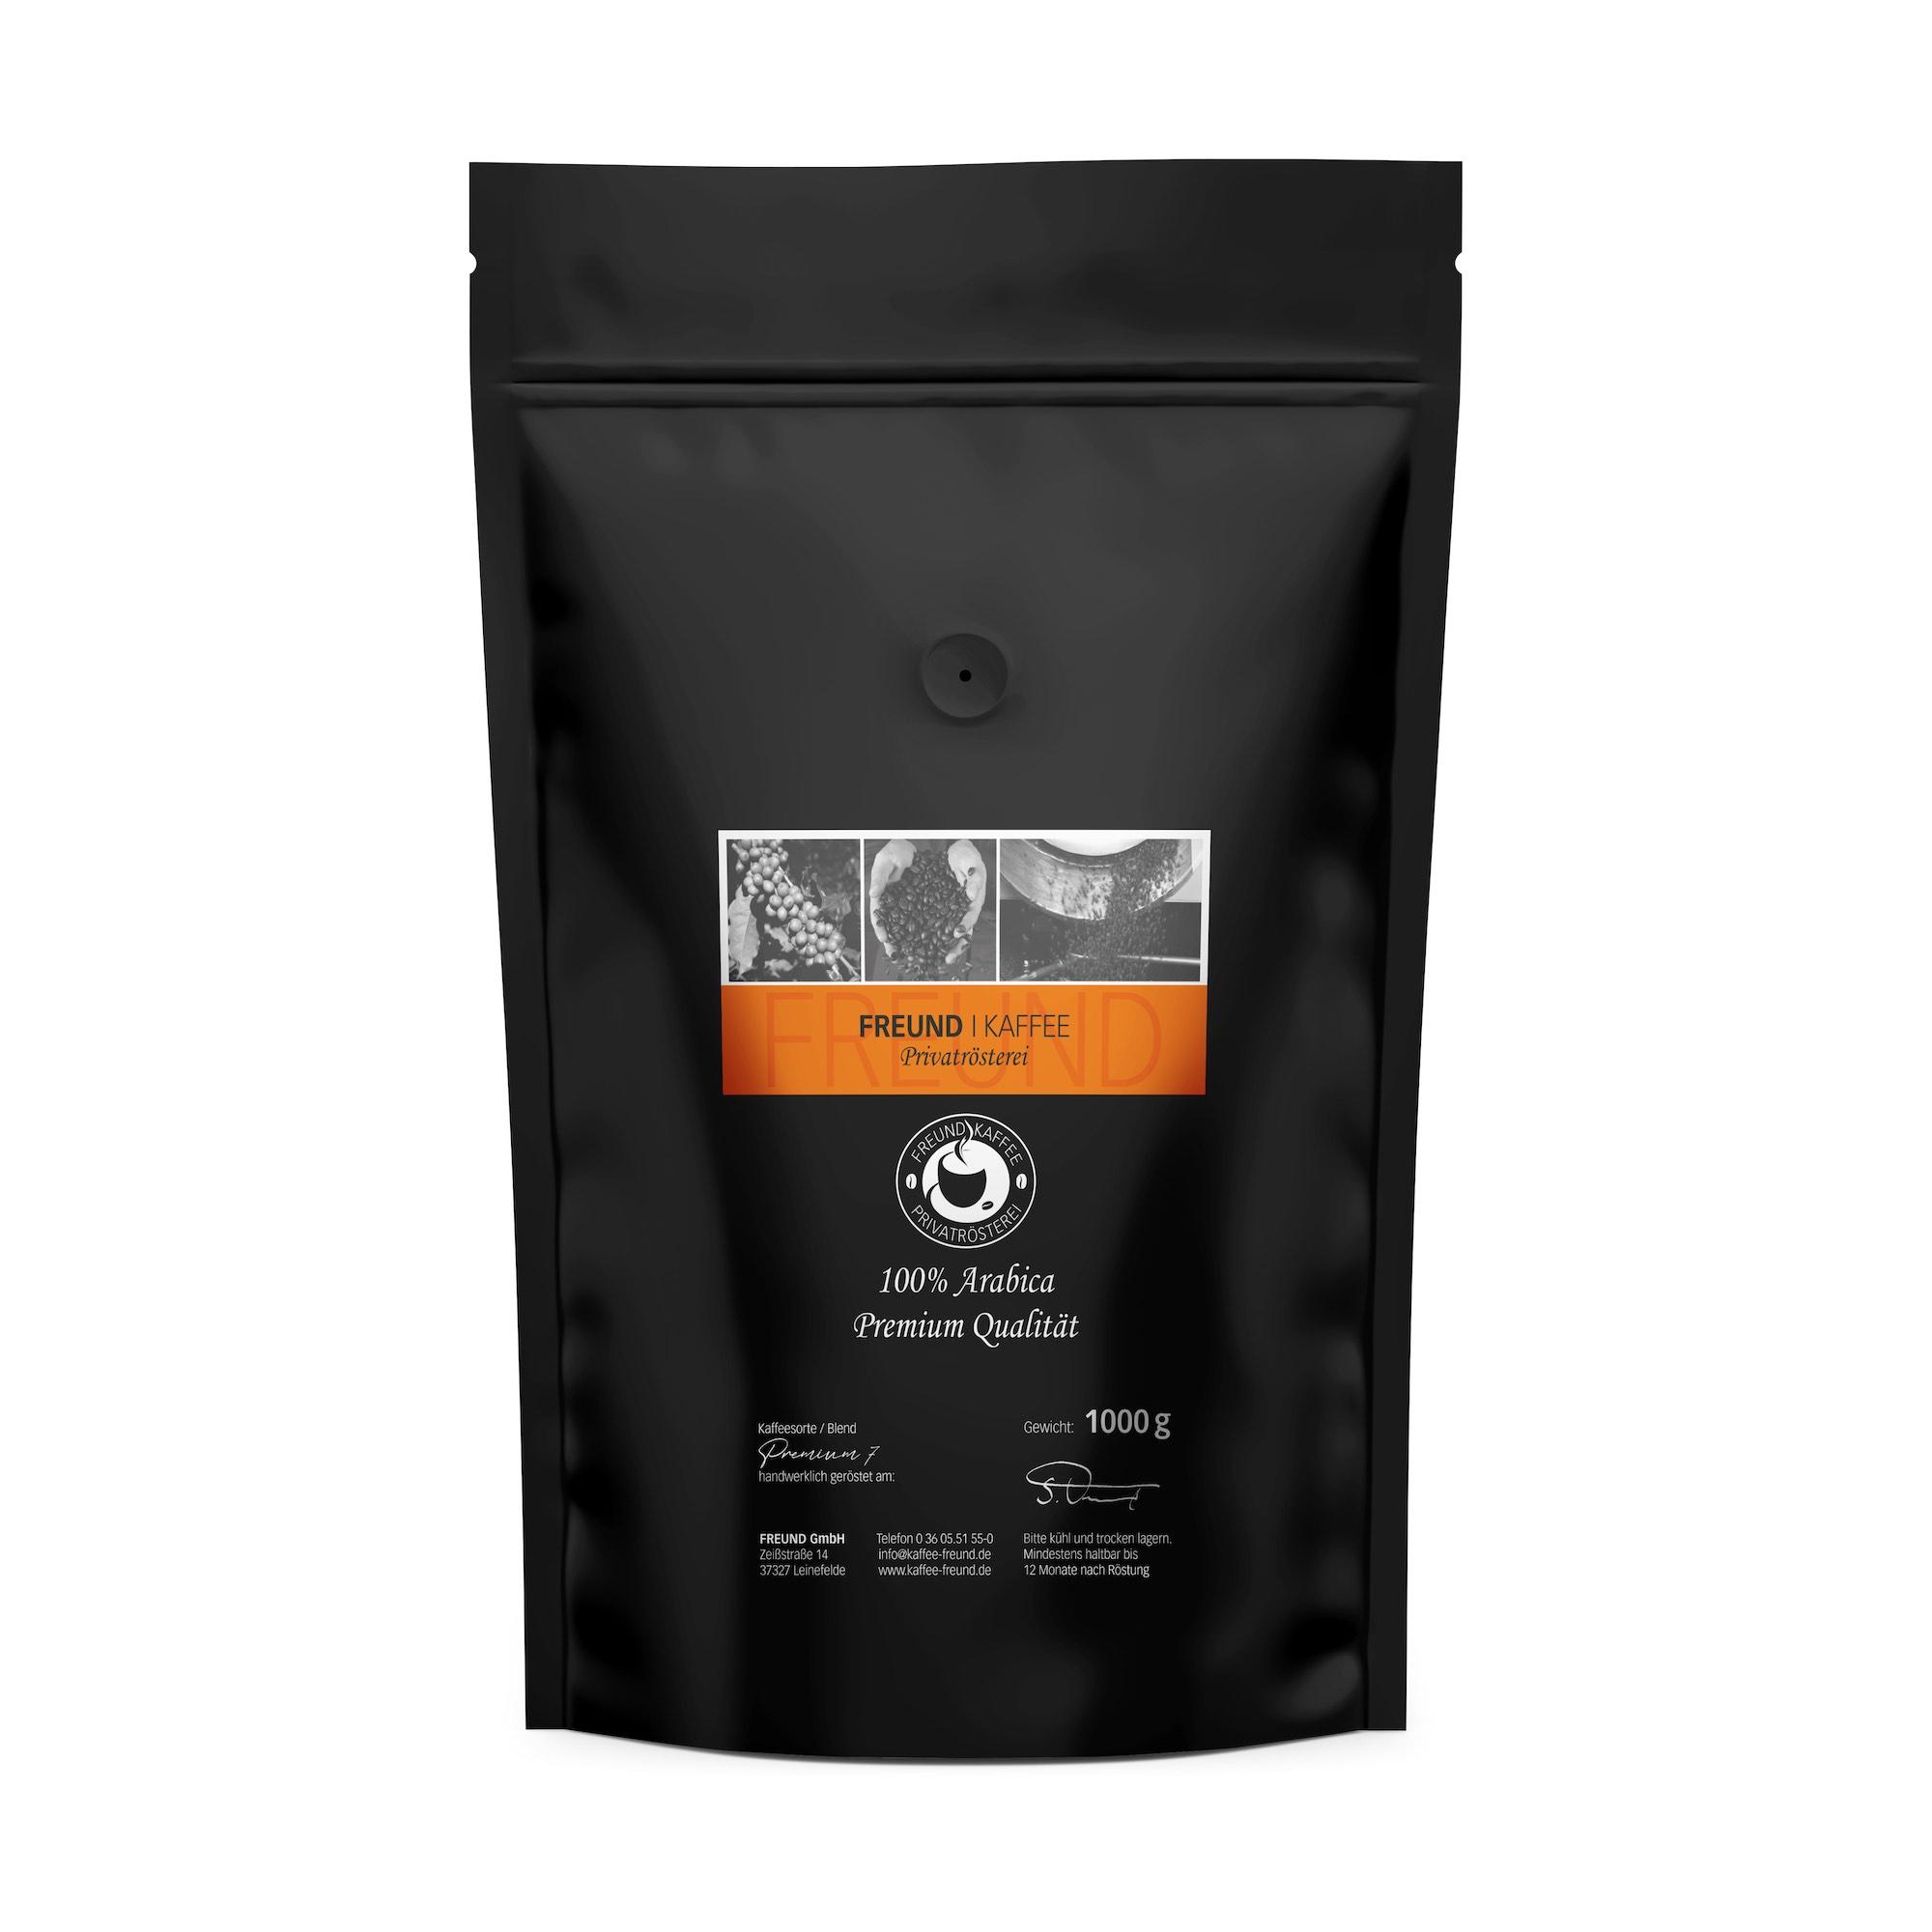 Freund Kaffee Premium 7 1000g Arabica Kaffee Premiumkaffee Privatrösterei